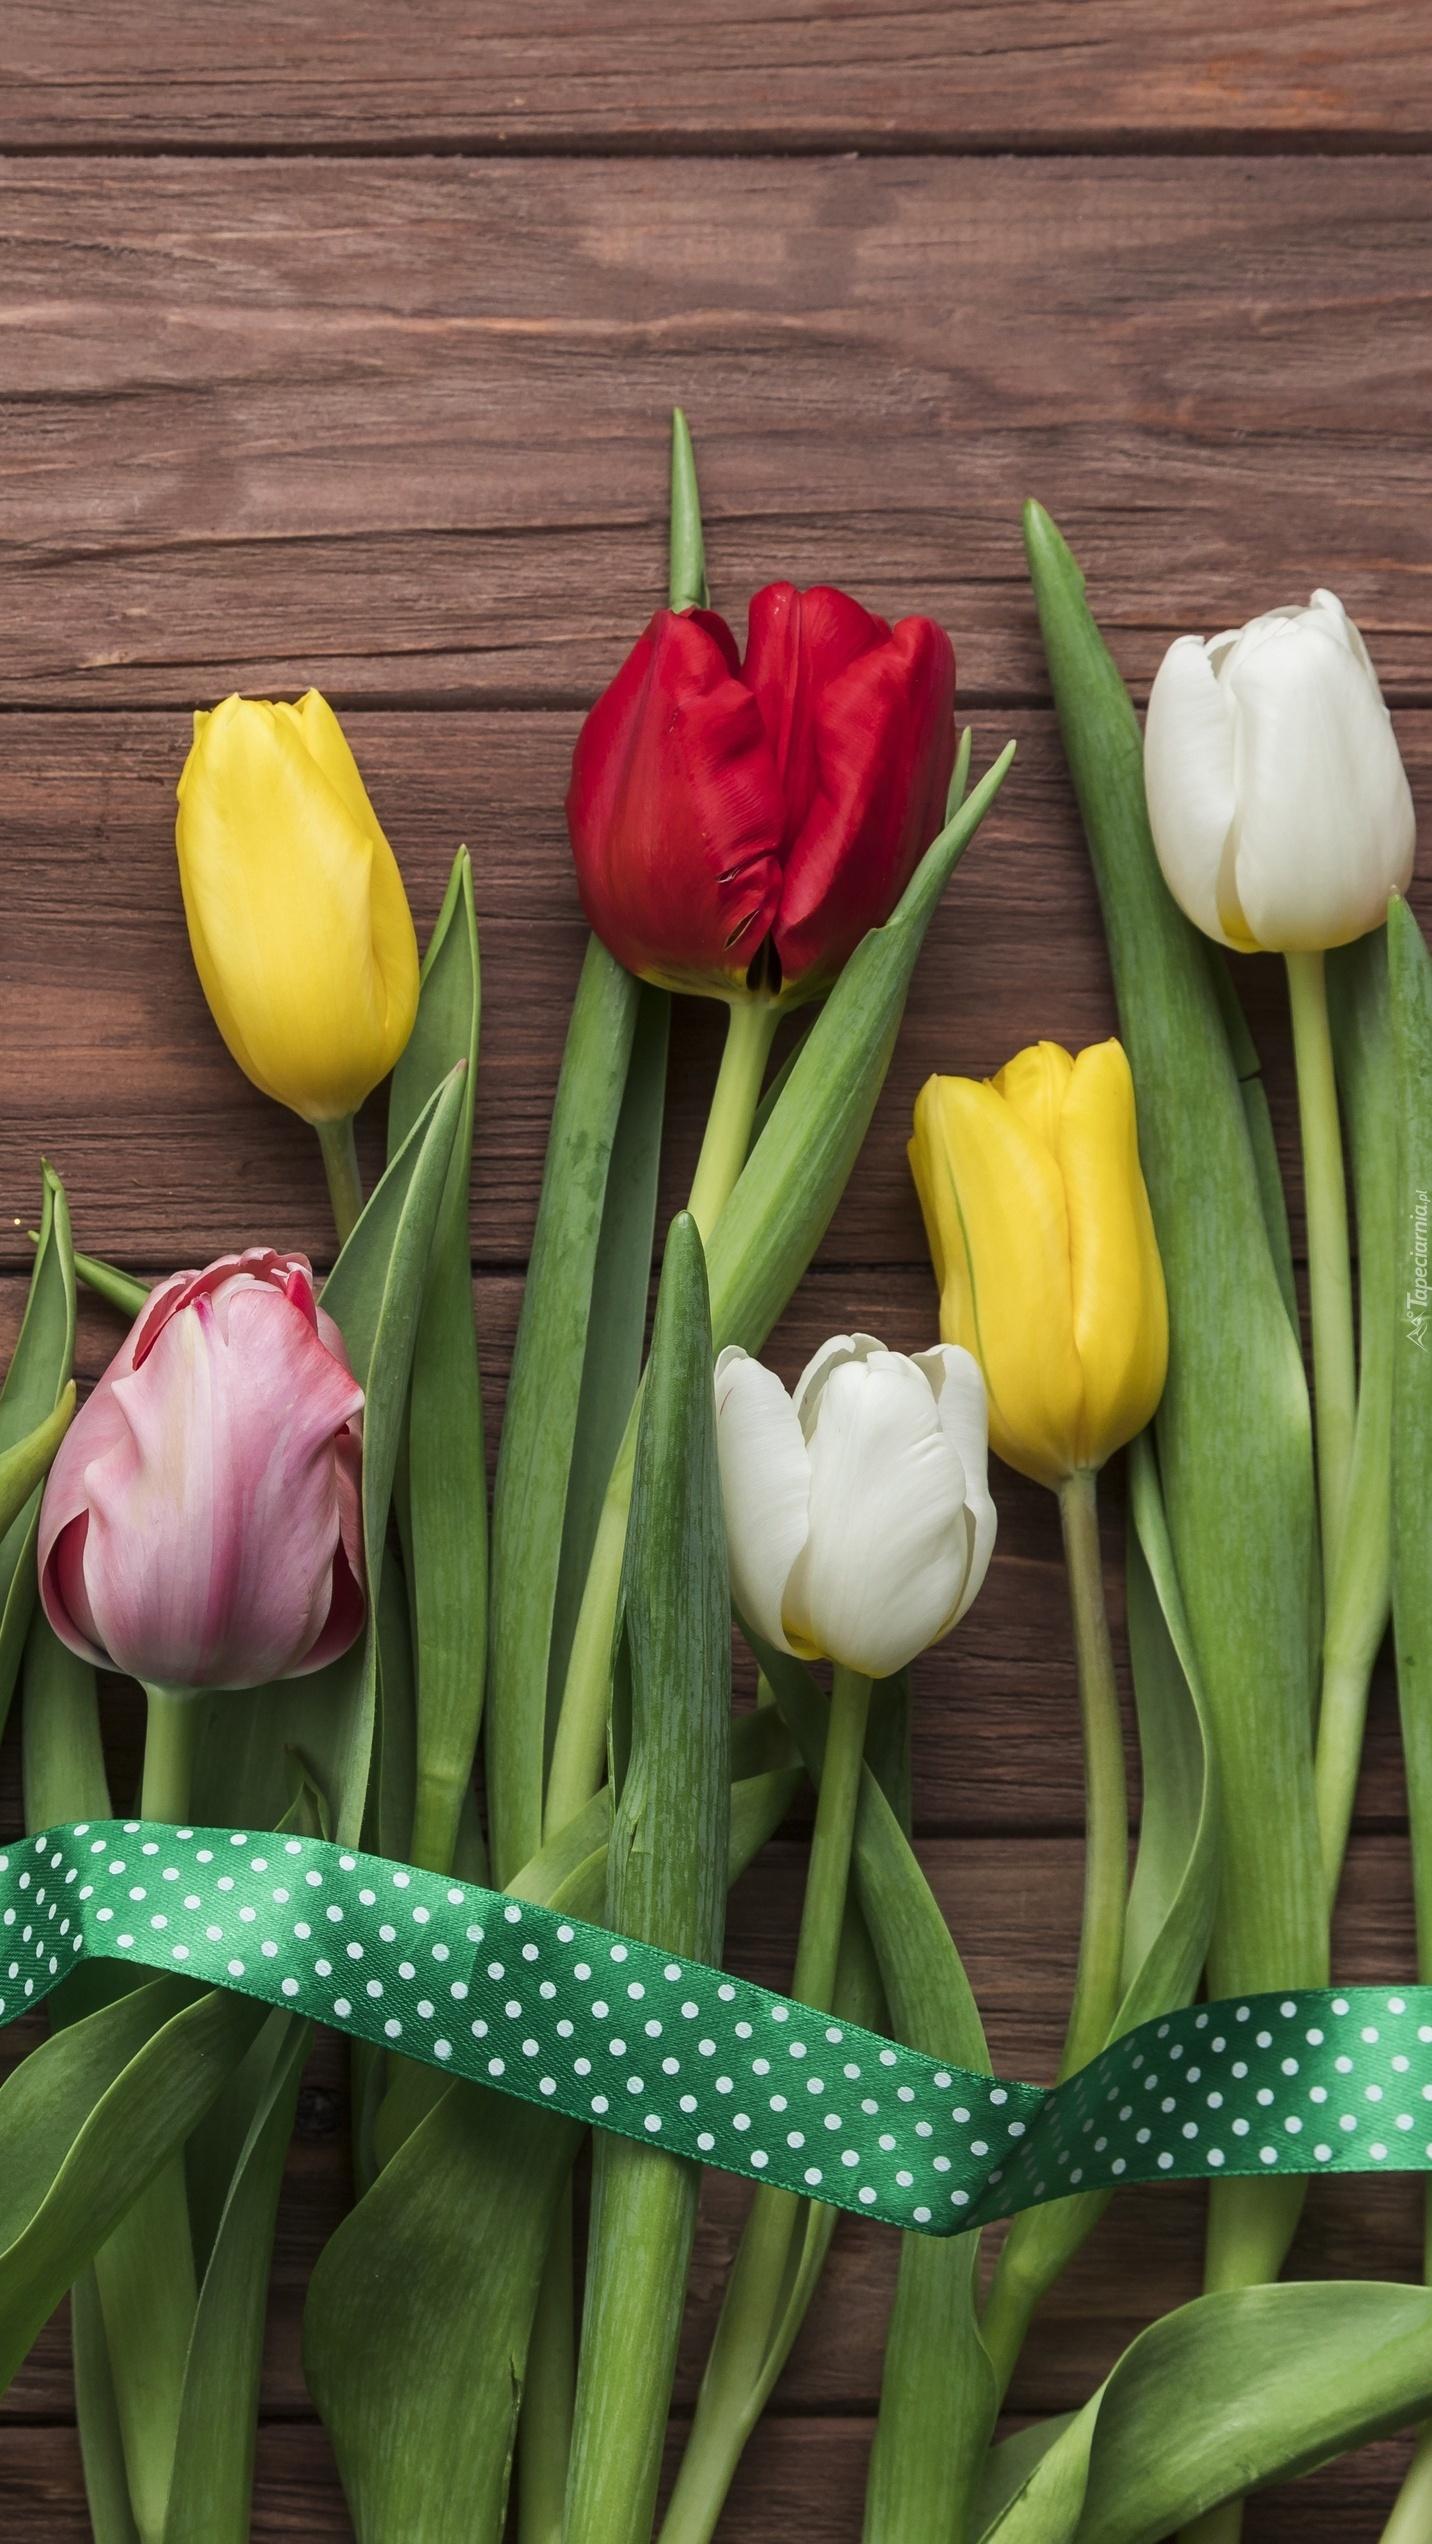 Wstążka na tulipanach